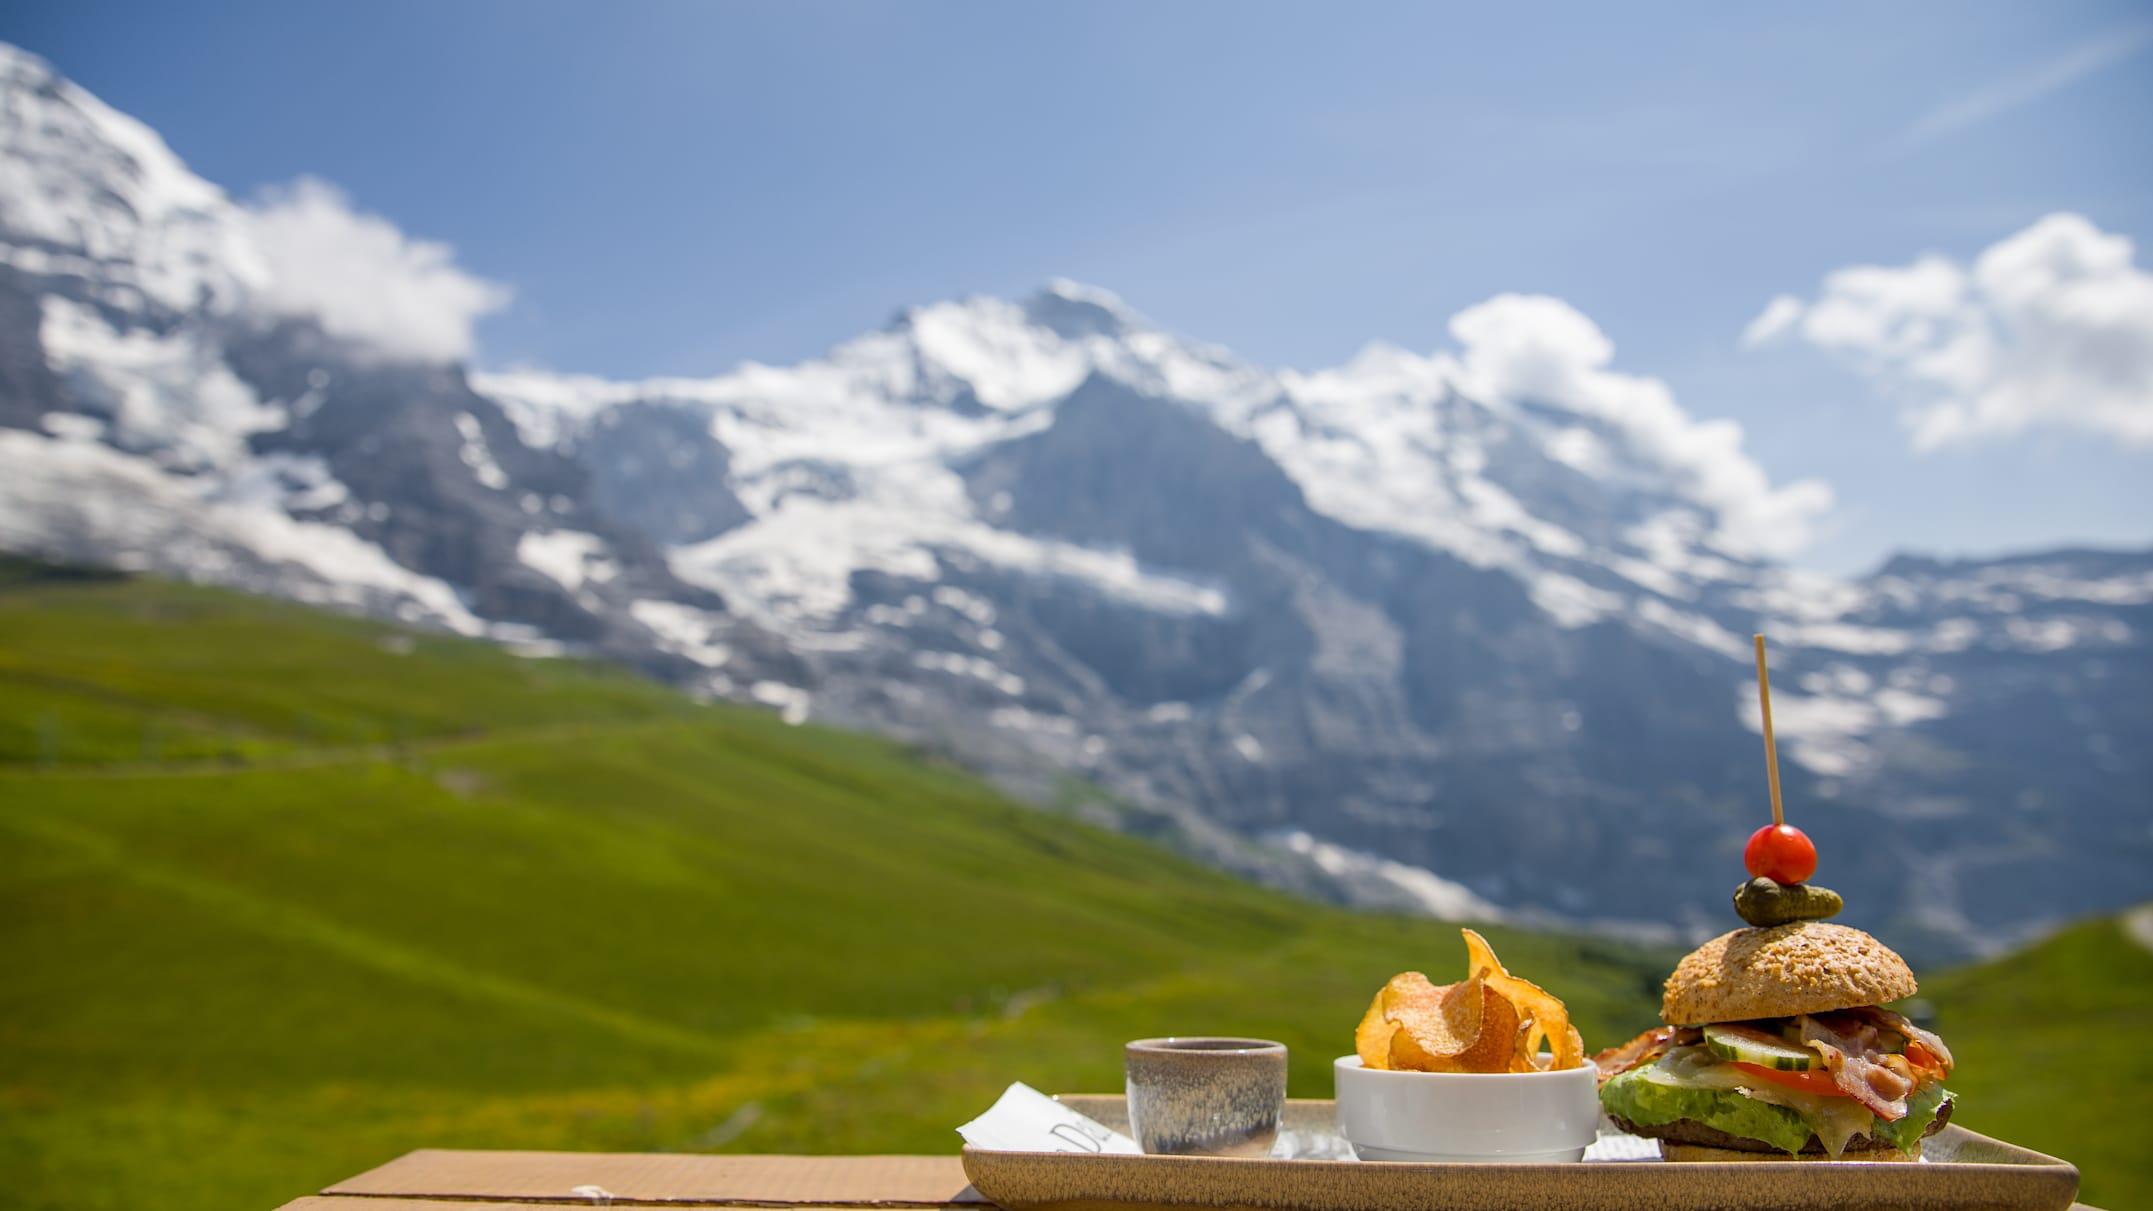 Kleine-Scheidegg mountain restaurant, gastro, season, Kleine-Scheidegg, summer, jungfrau.ch